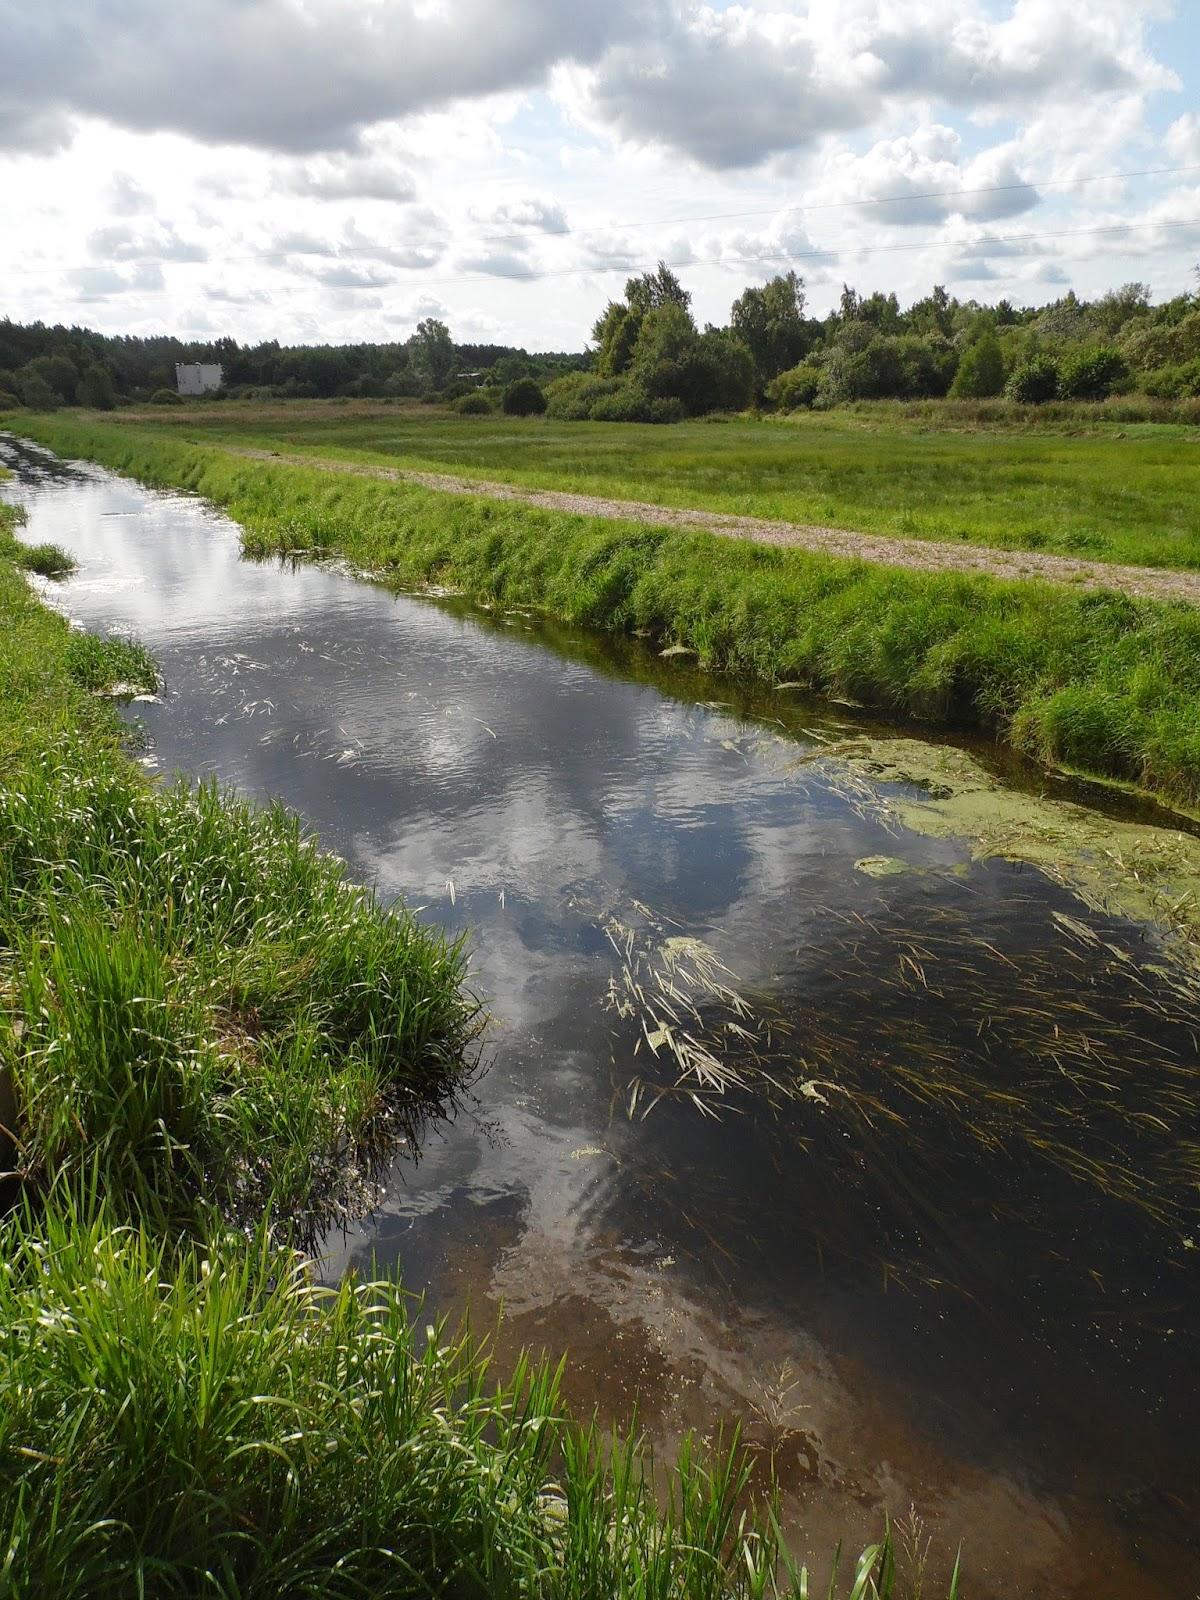 rzeka i łąka w Jastrzębiej Górze, przy drodze łączącej Strondowy Jar i Ostrowo